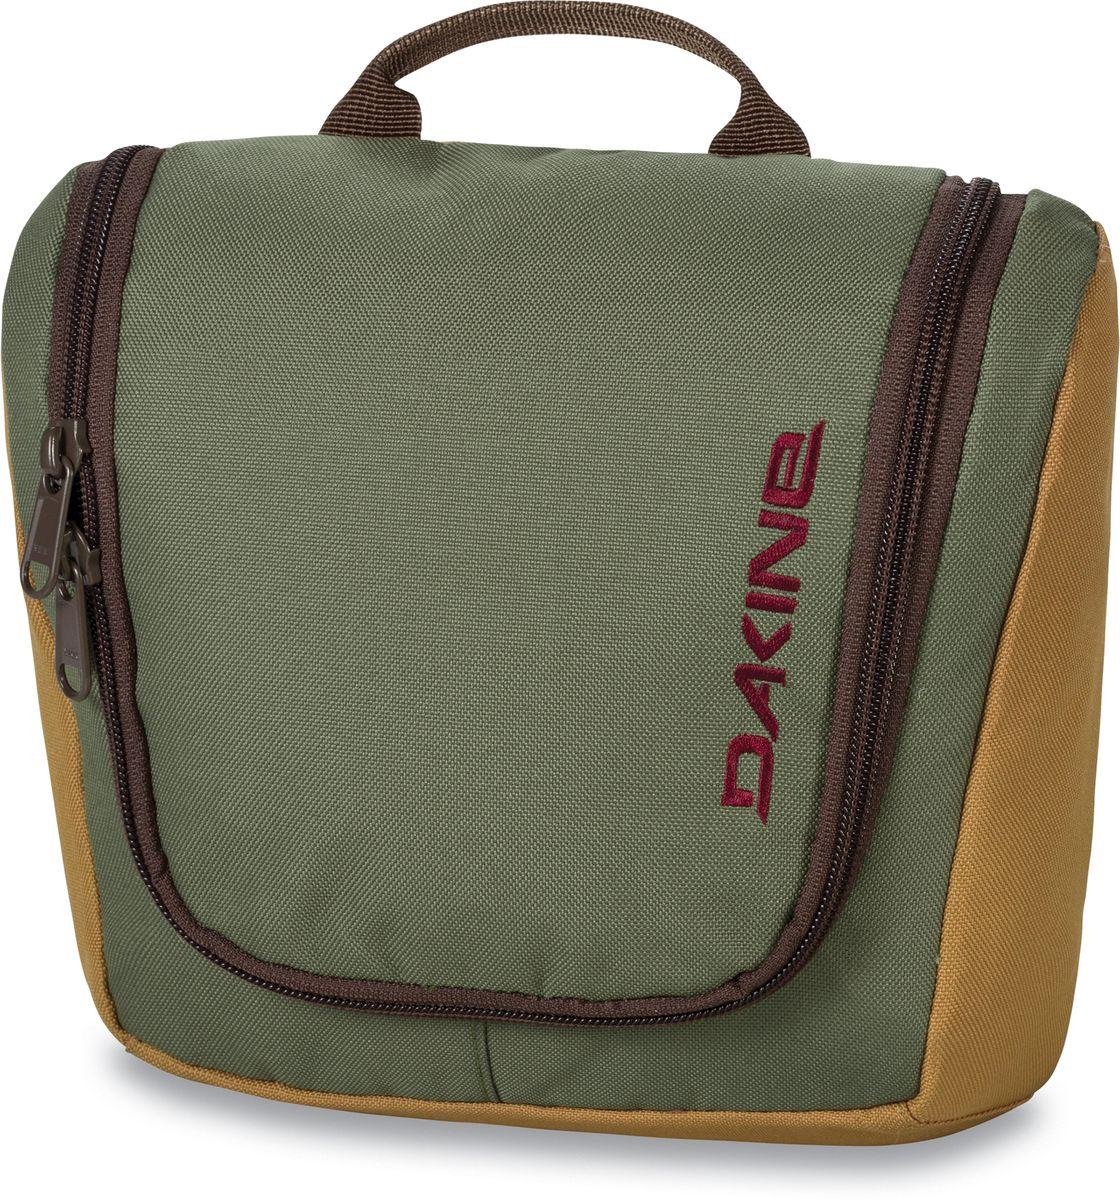 Косметичка дорожная Dakine Travel Kit, цвет: хаки, 3 л00127528 8160010Косметичка Dakine Travel Kit выполнена из полиэстера и застегивается на молнию. Модель может подвешиваться за крючок. Внутри отделение-органайзер.